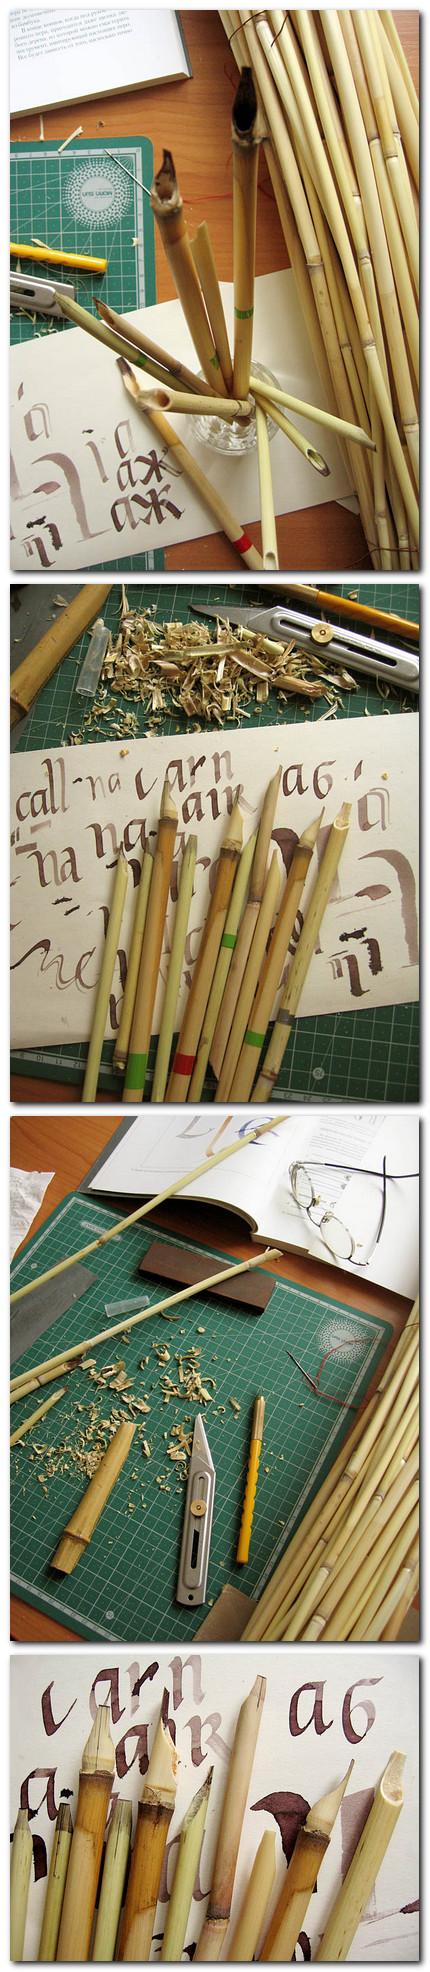 Bete pentru caligrafie (trestie sau bambus) Marina Marjina